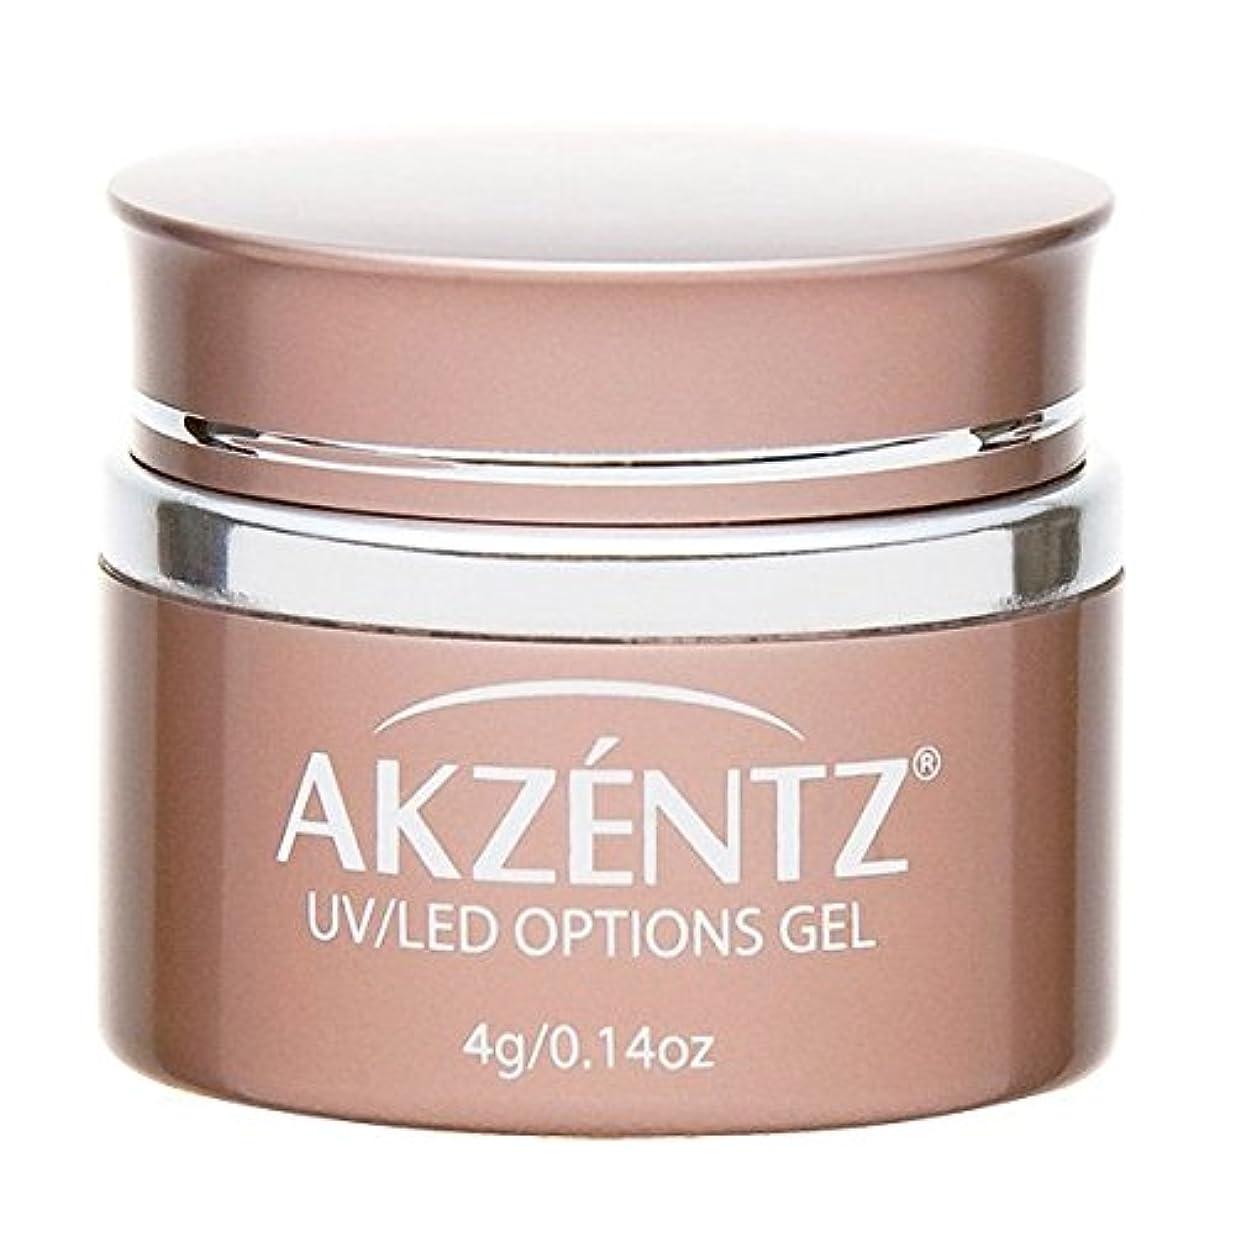 強化する中世の上昇AKZENTZ(アクセンツ) UV/LED オプションズ オプティ ボンド 4g